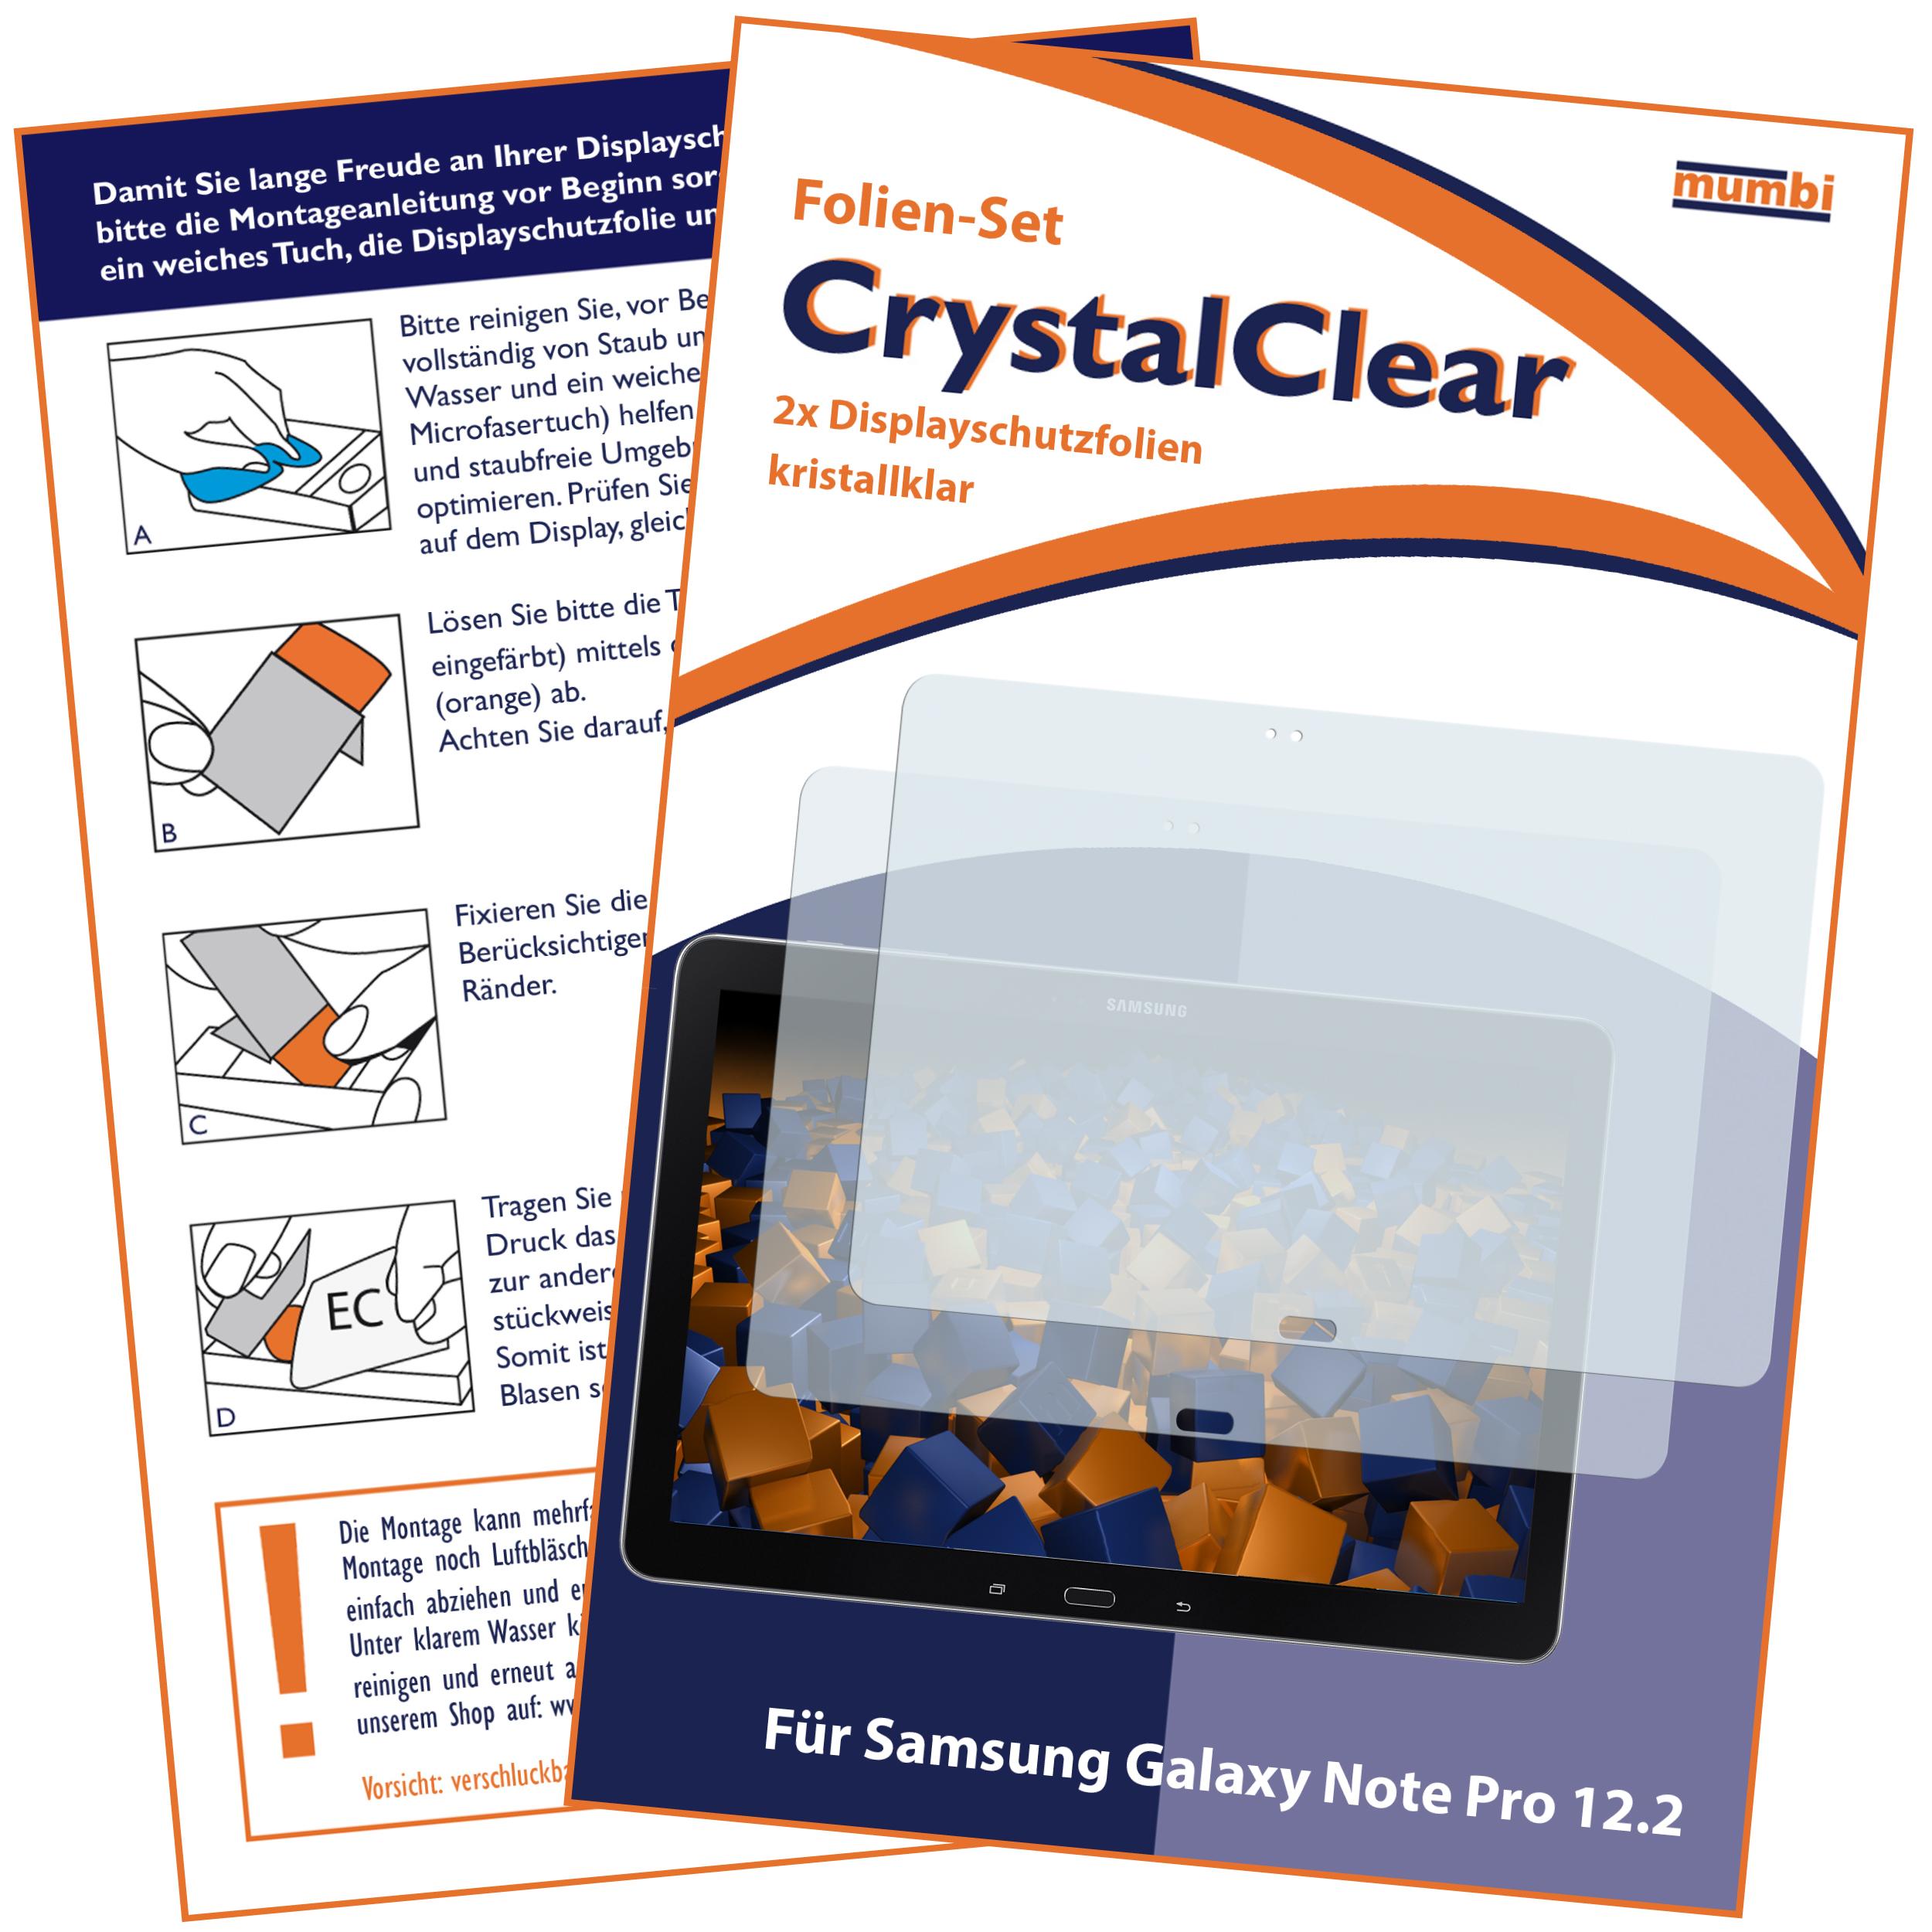 Displayschutzfolie 2 Stck CrystalClear für Samsung Galaxy Note Pro Galaxy Note 8 Note 10 1 Note Pro Samsung weitere Modelle